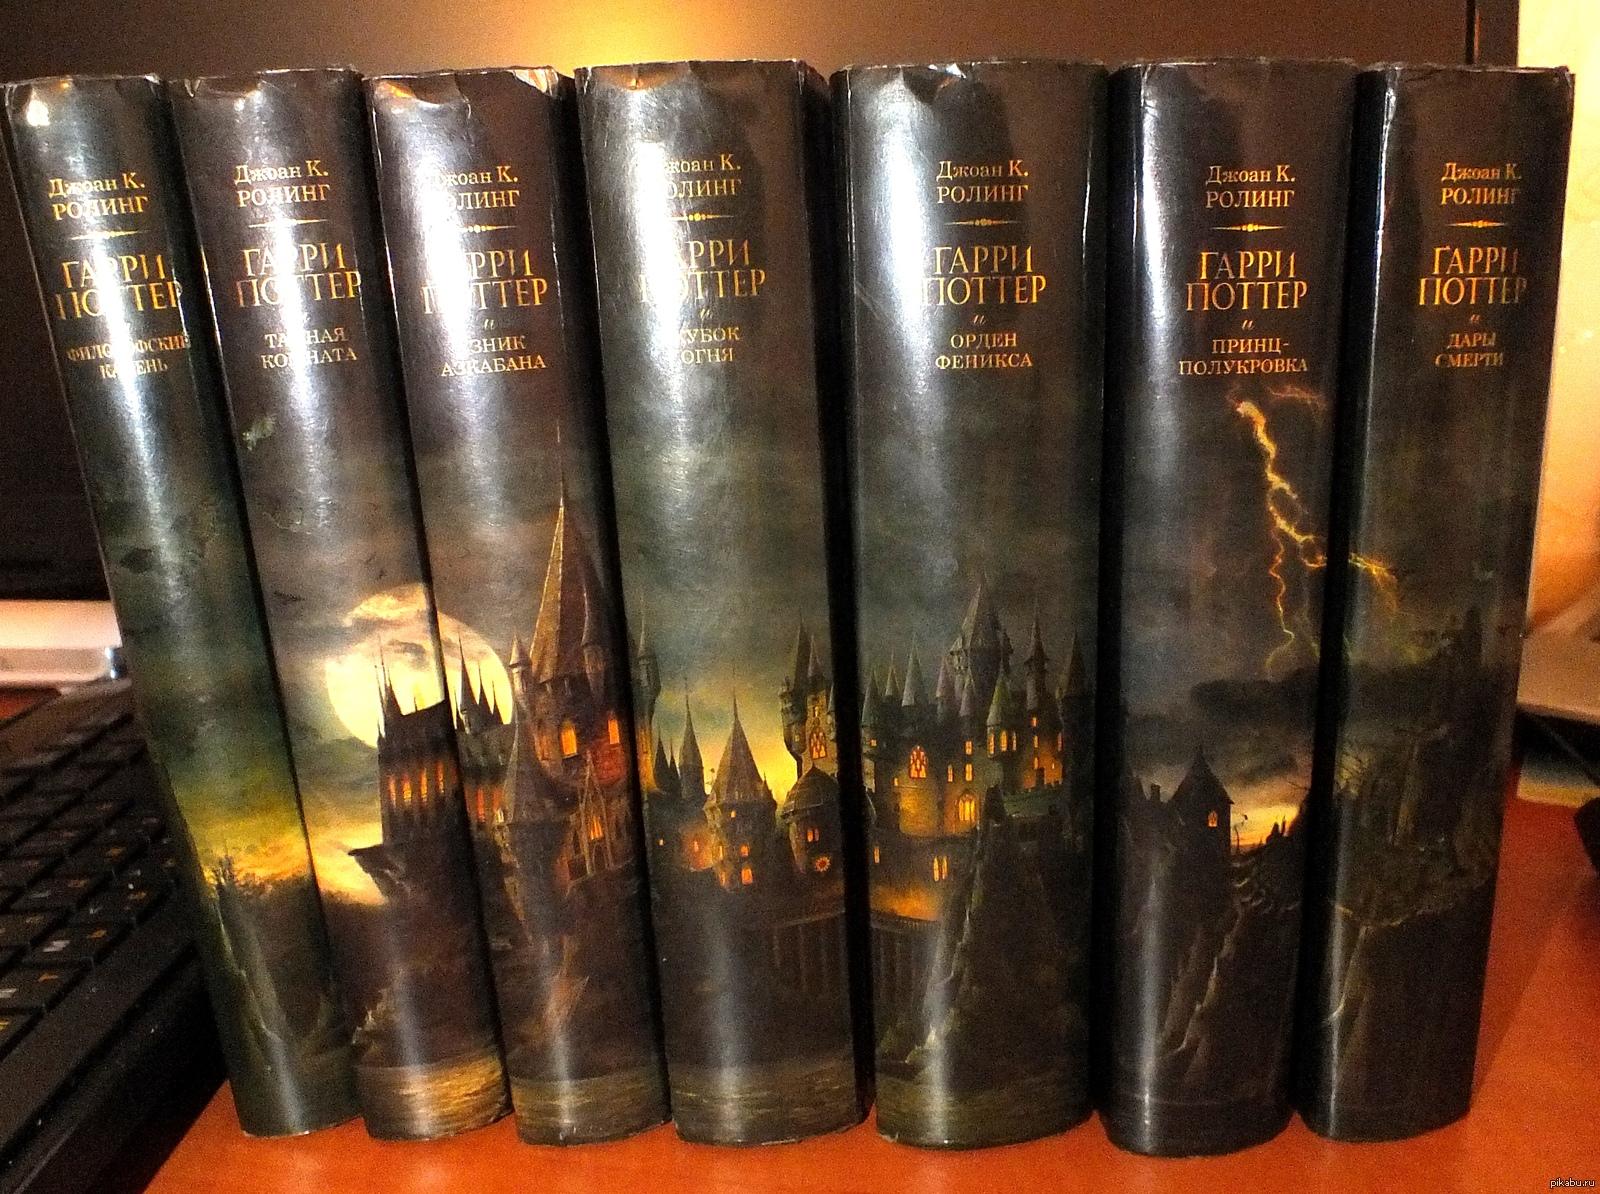 Гарри поттер скачать 1 книгу